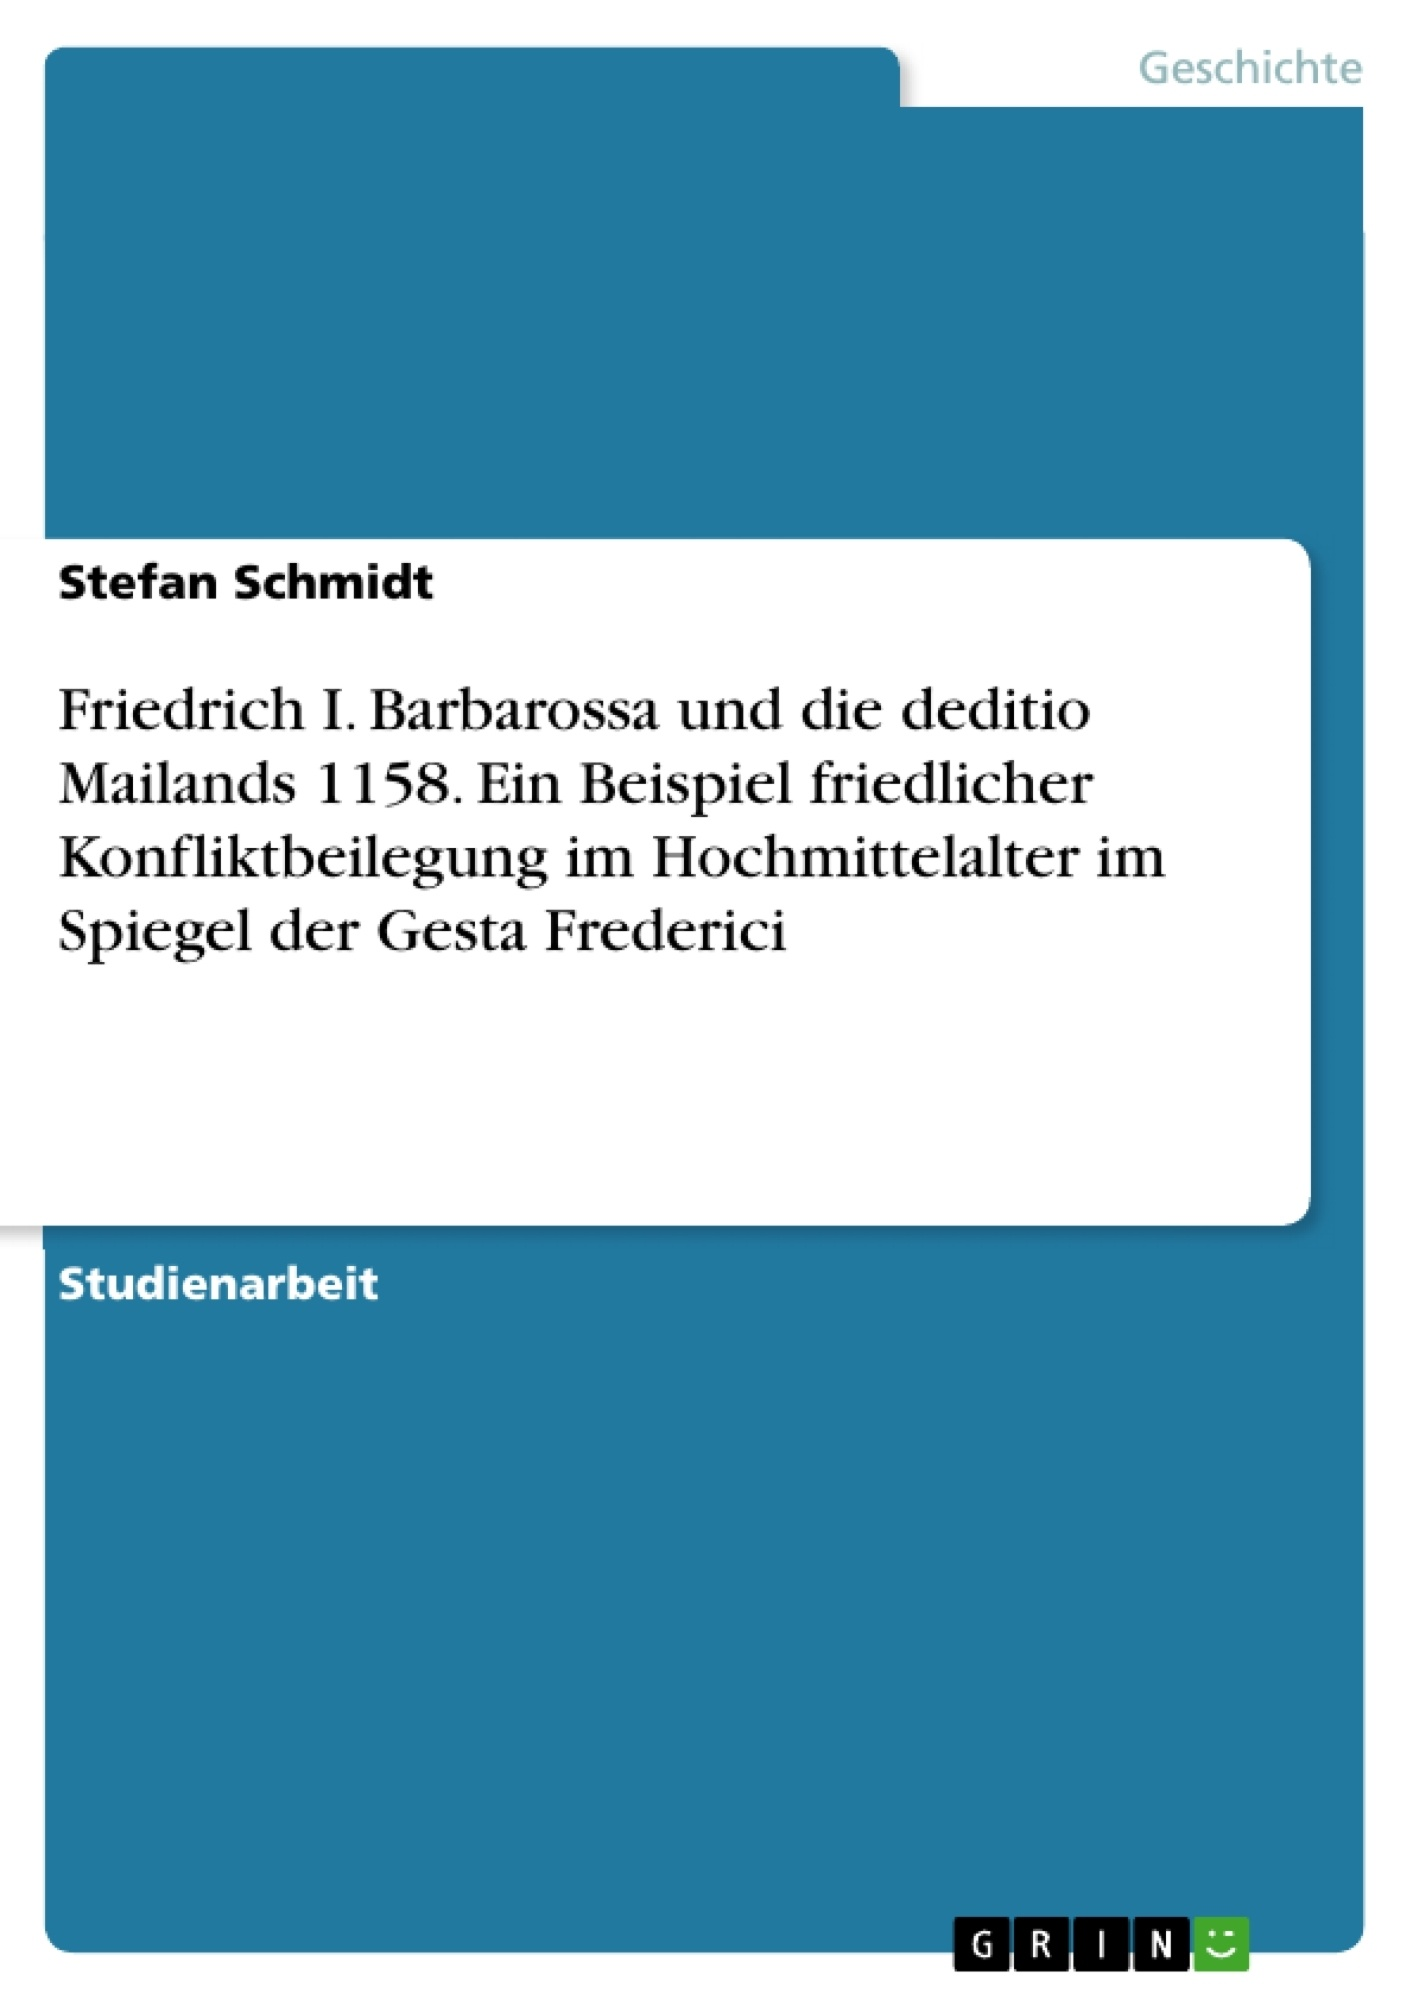 Titel: Friedrich I. Barbarossa und die deditio Mailands 1158. Ein Beispiel friedlicher Konfliktbeilegung im Hochmittelalter im Spiegel der Gesta Frederici